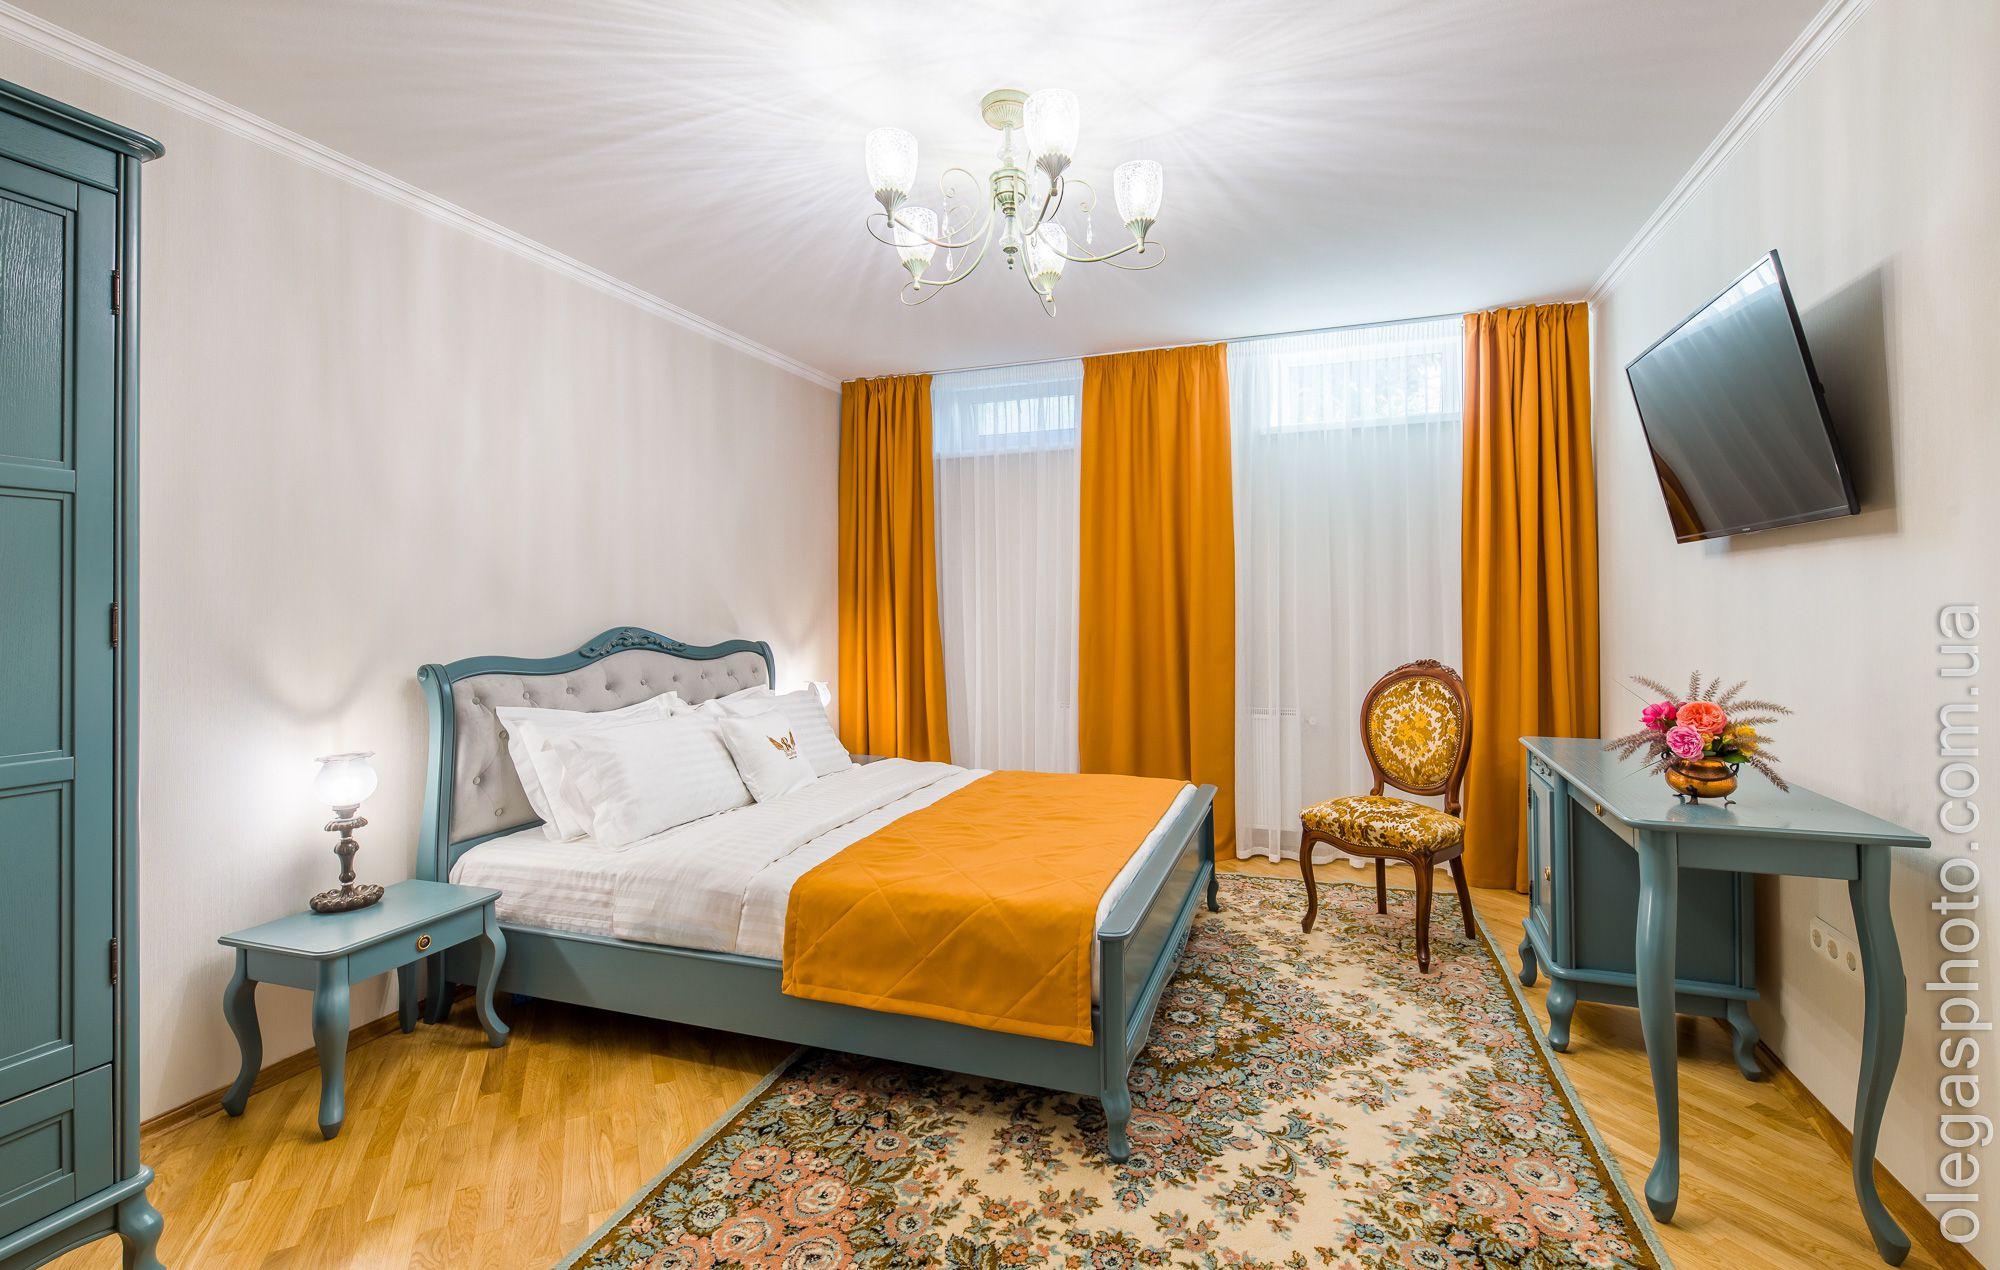 фотография спальни